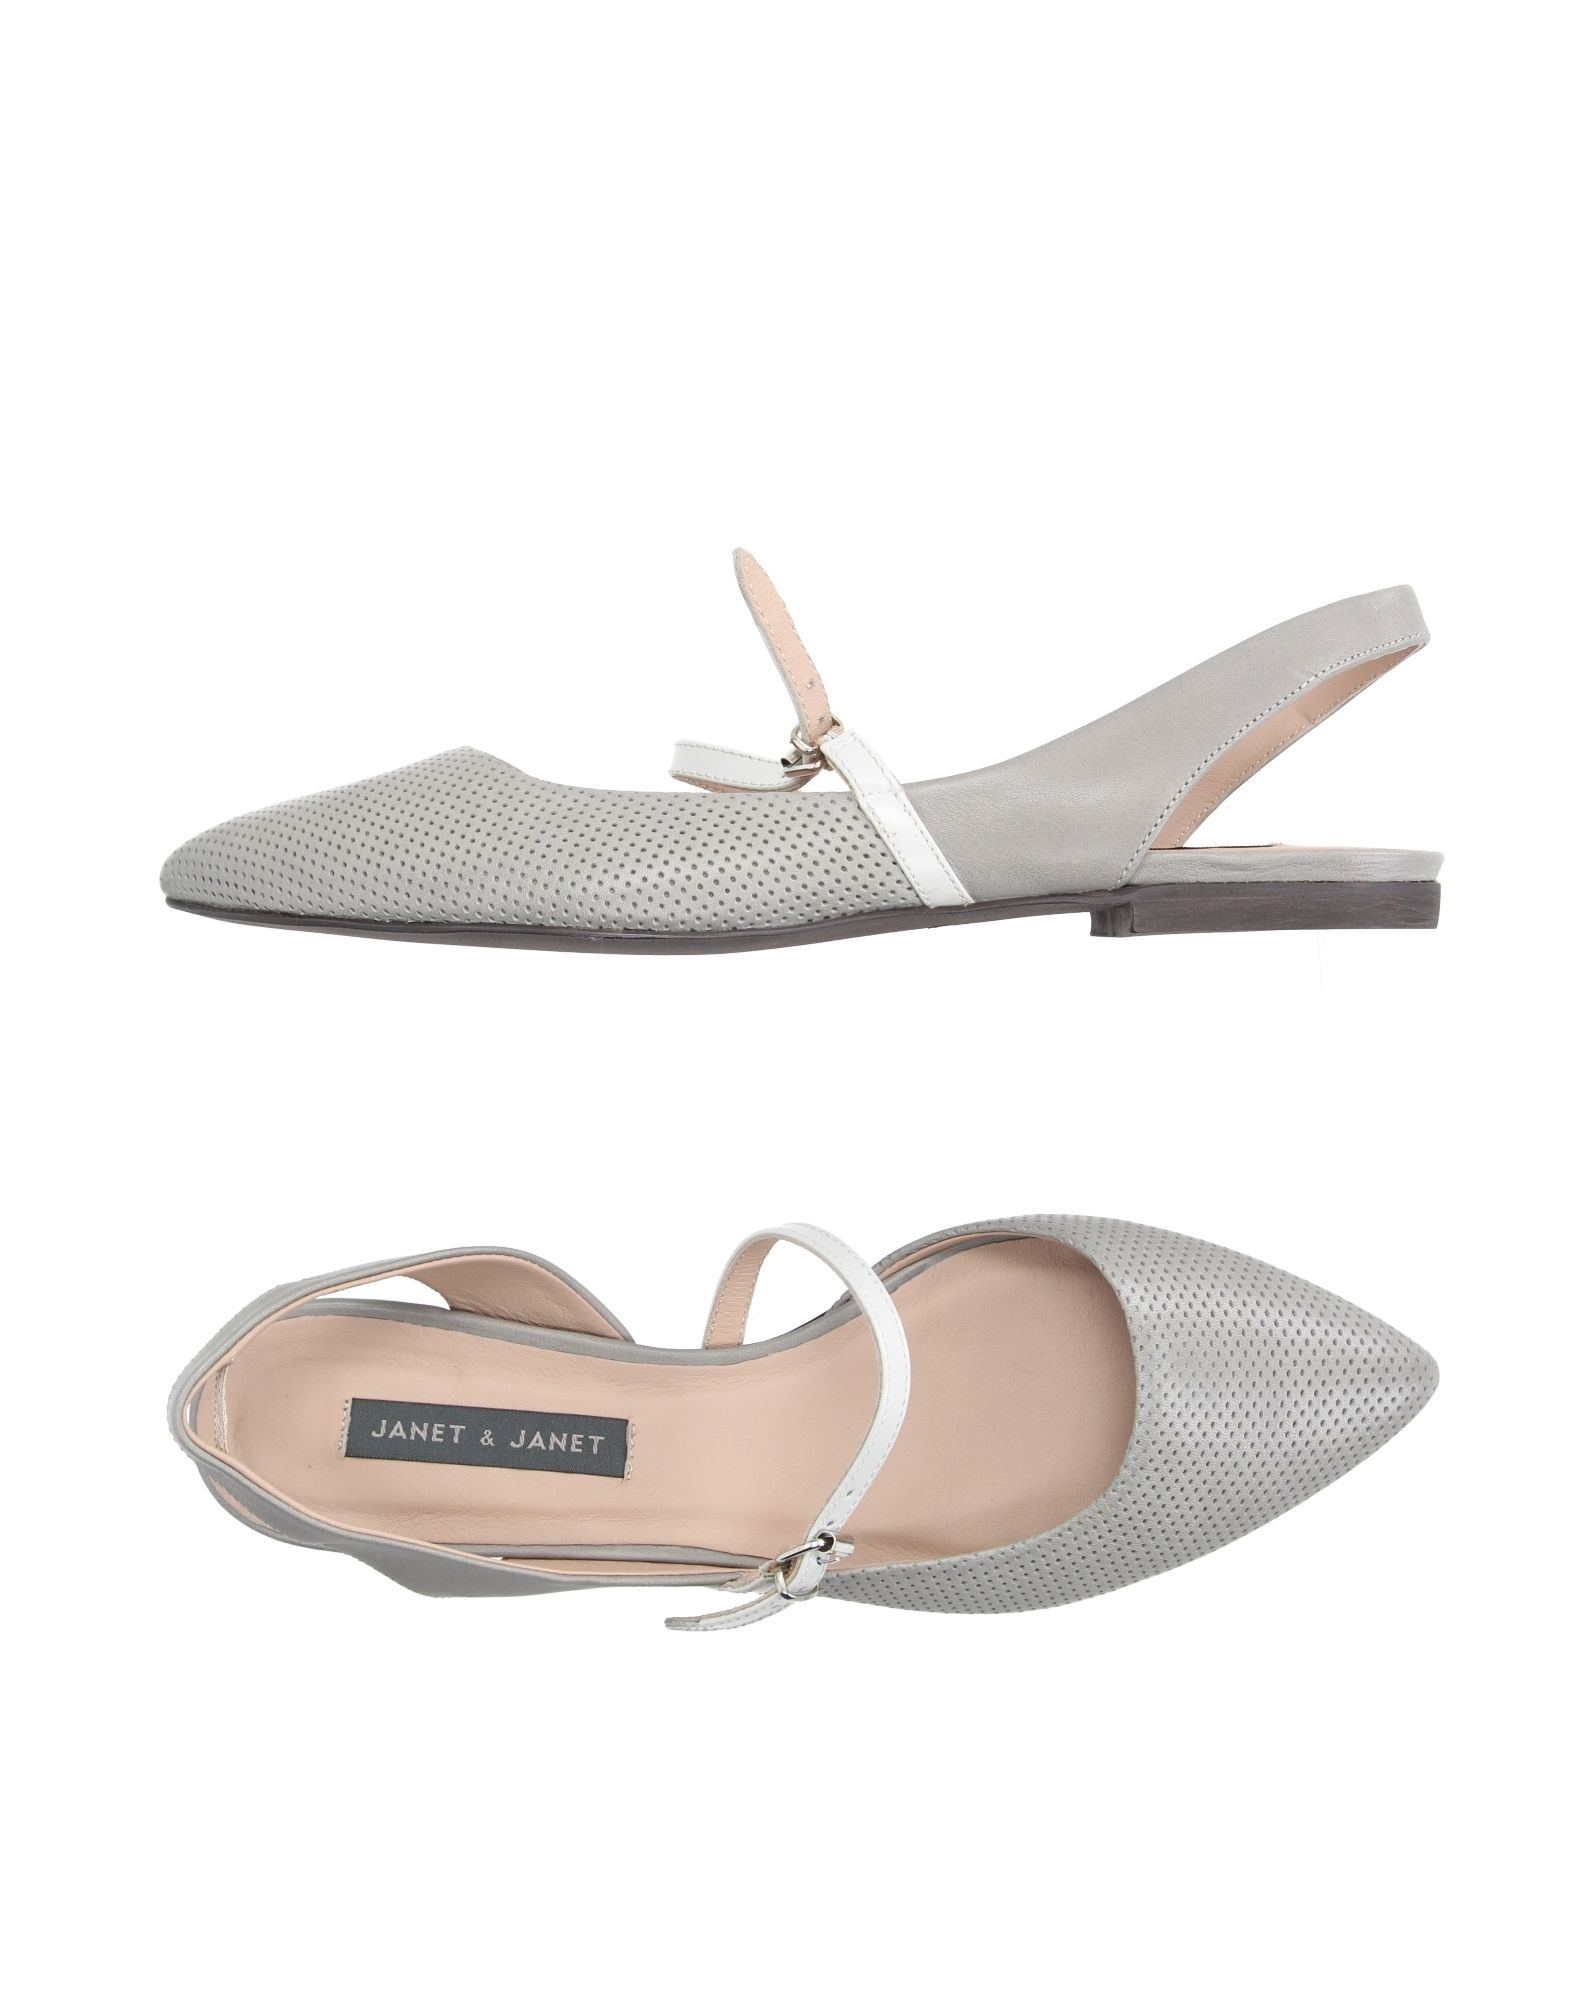 Janet & Janet Ballerinas Qualität Damen  11139112XT Gute Qualität Ballerinas beliebte Schuhe cd9c2a